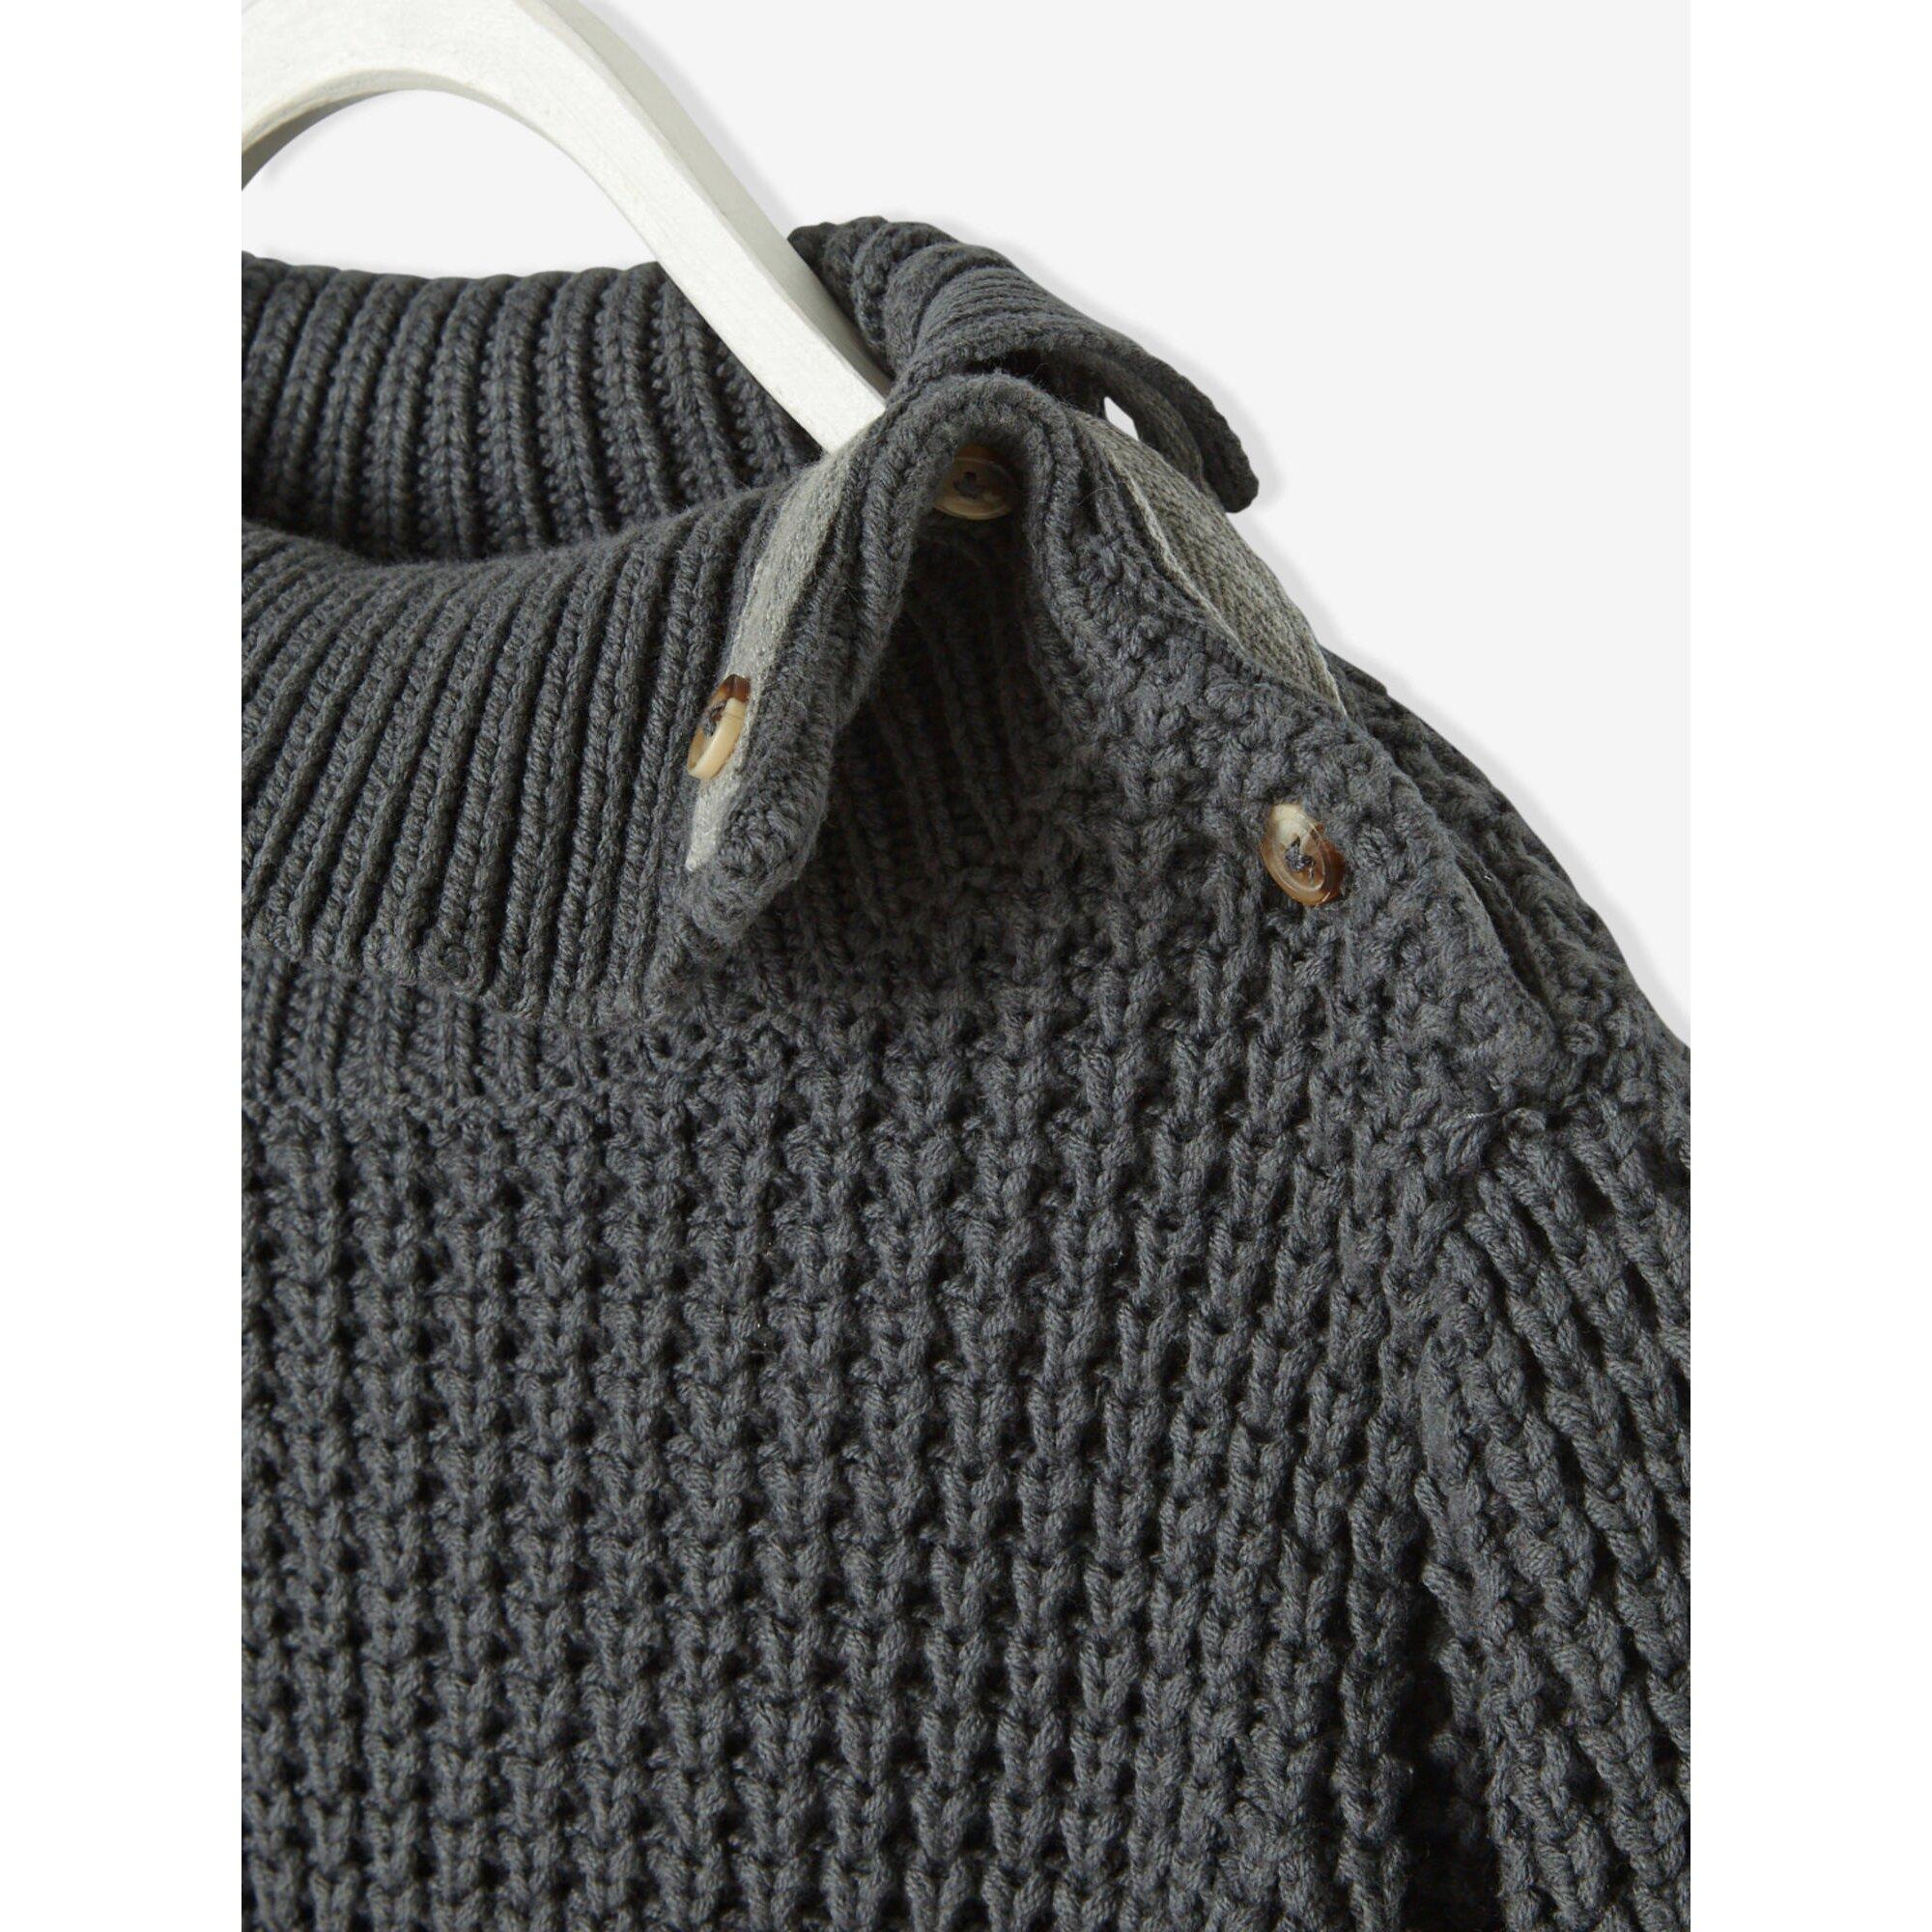 vertbaudet-pullover-fur-jungen-materialmix, 27.99 EUR @ babywalz-de